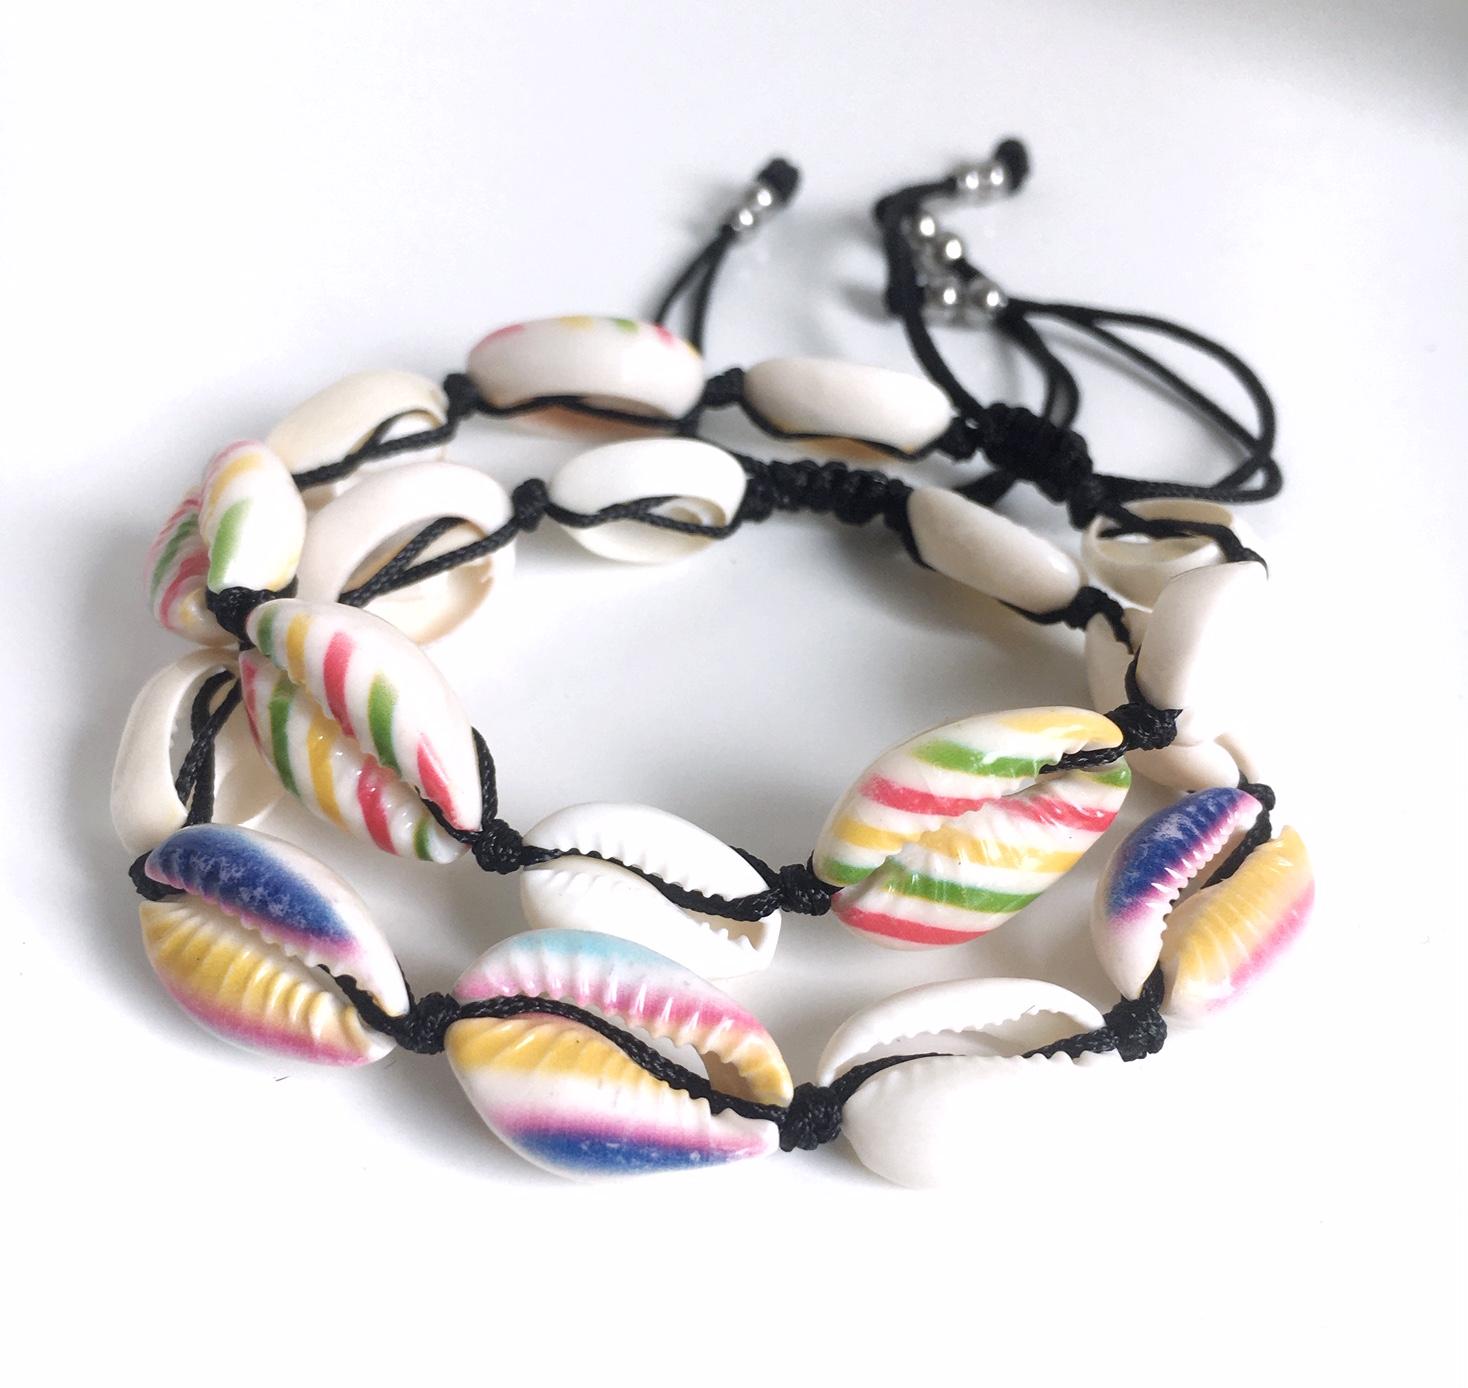 Snäckarmband med färg_1_MIX_randigt